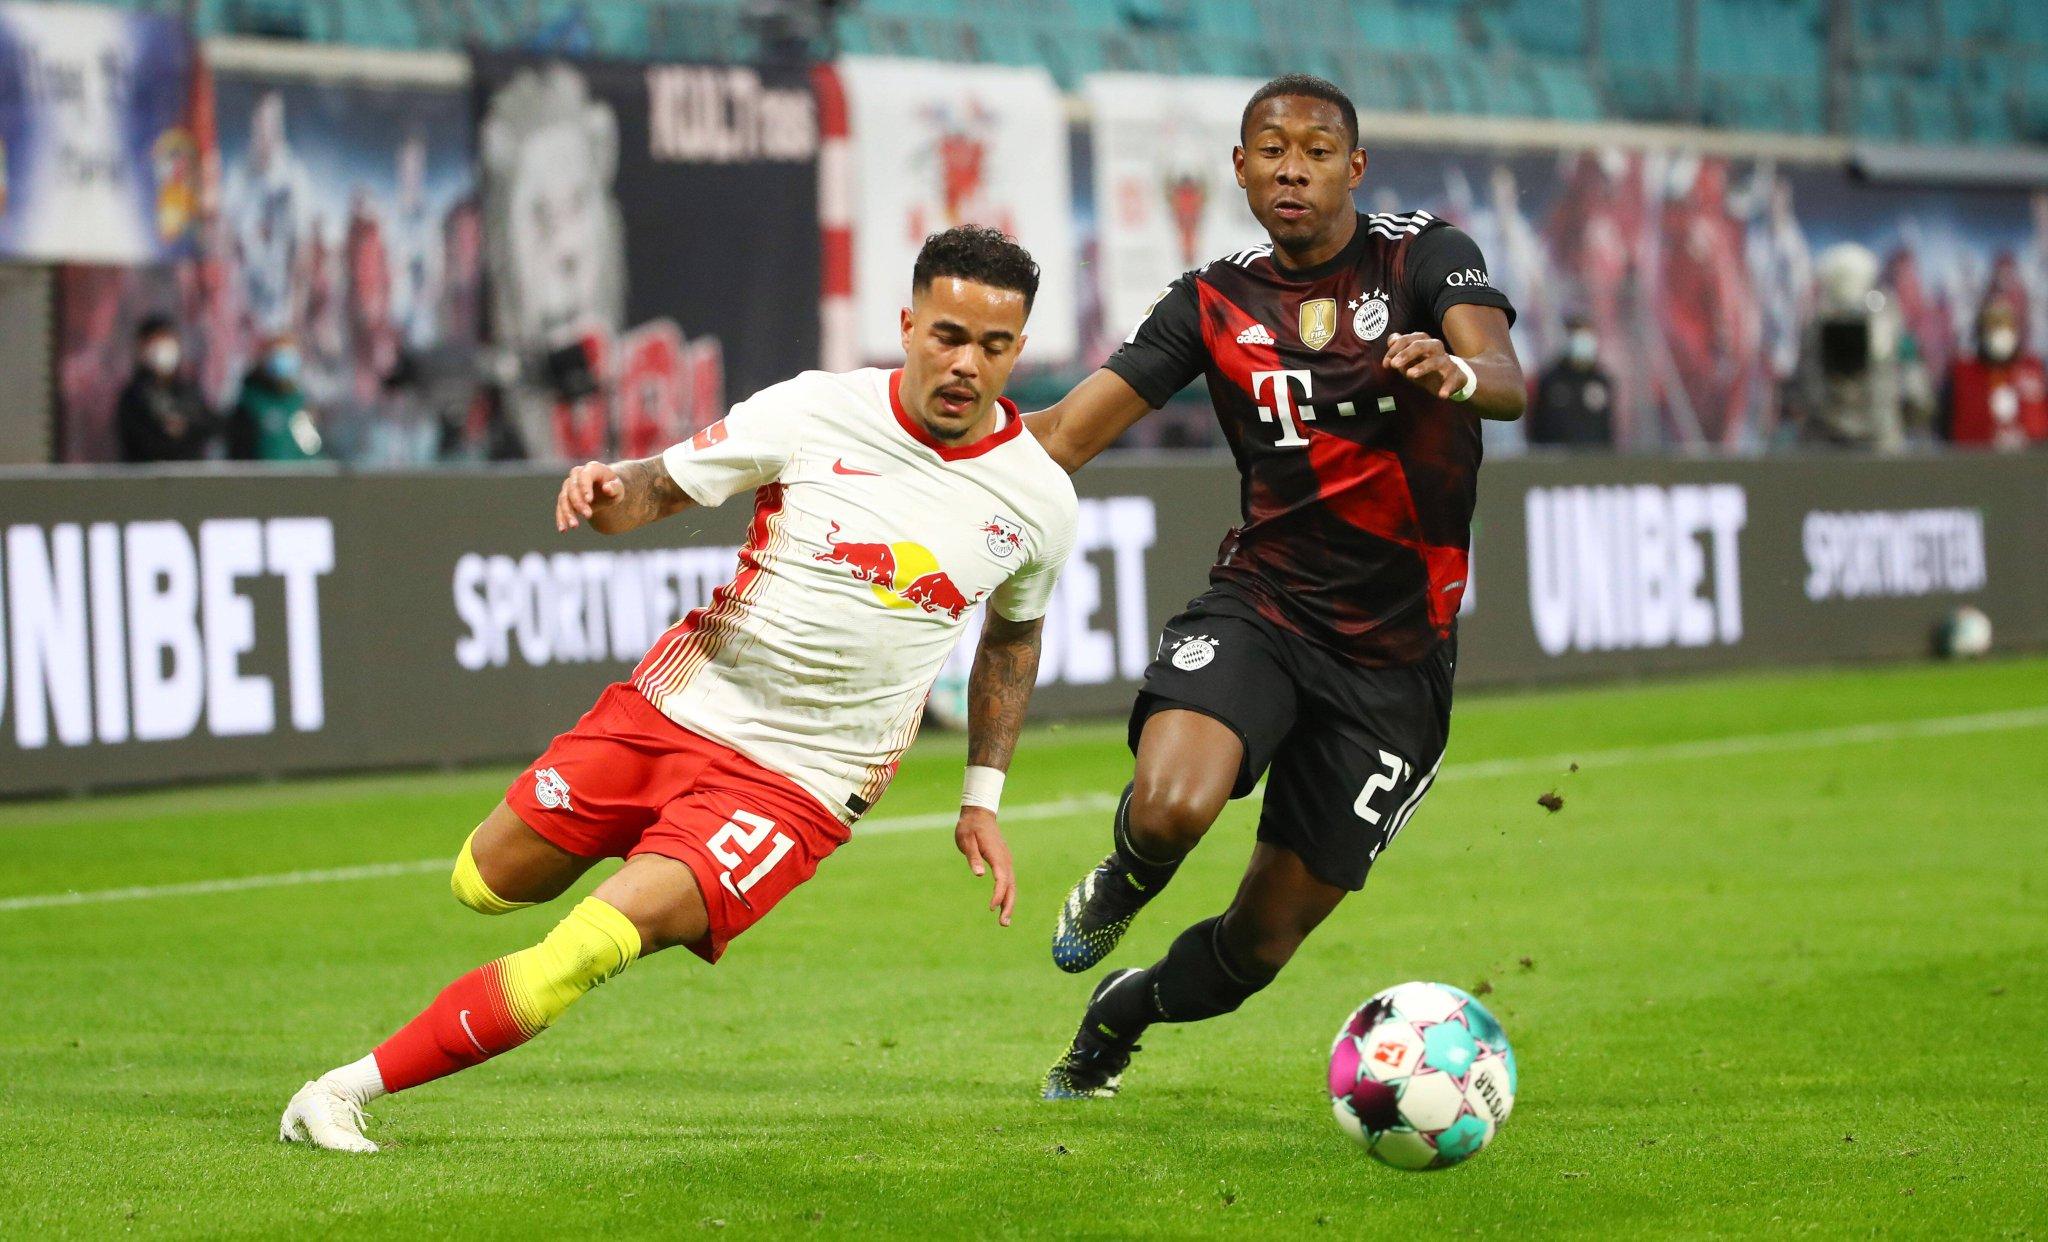 Bayerni fiton derbin, thellon epërsinë në krye